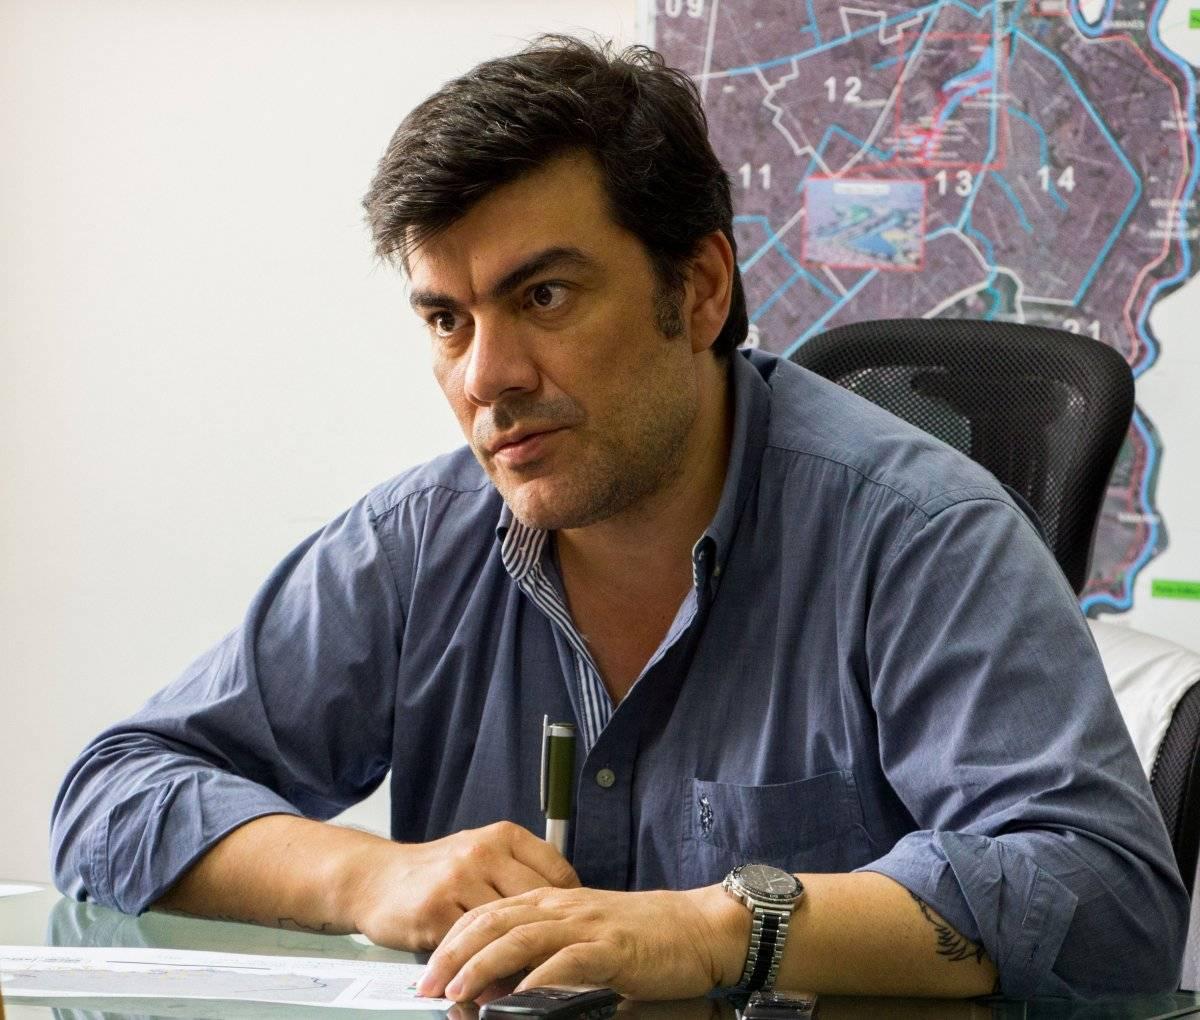 Juan Diego Saa Tafurt